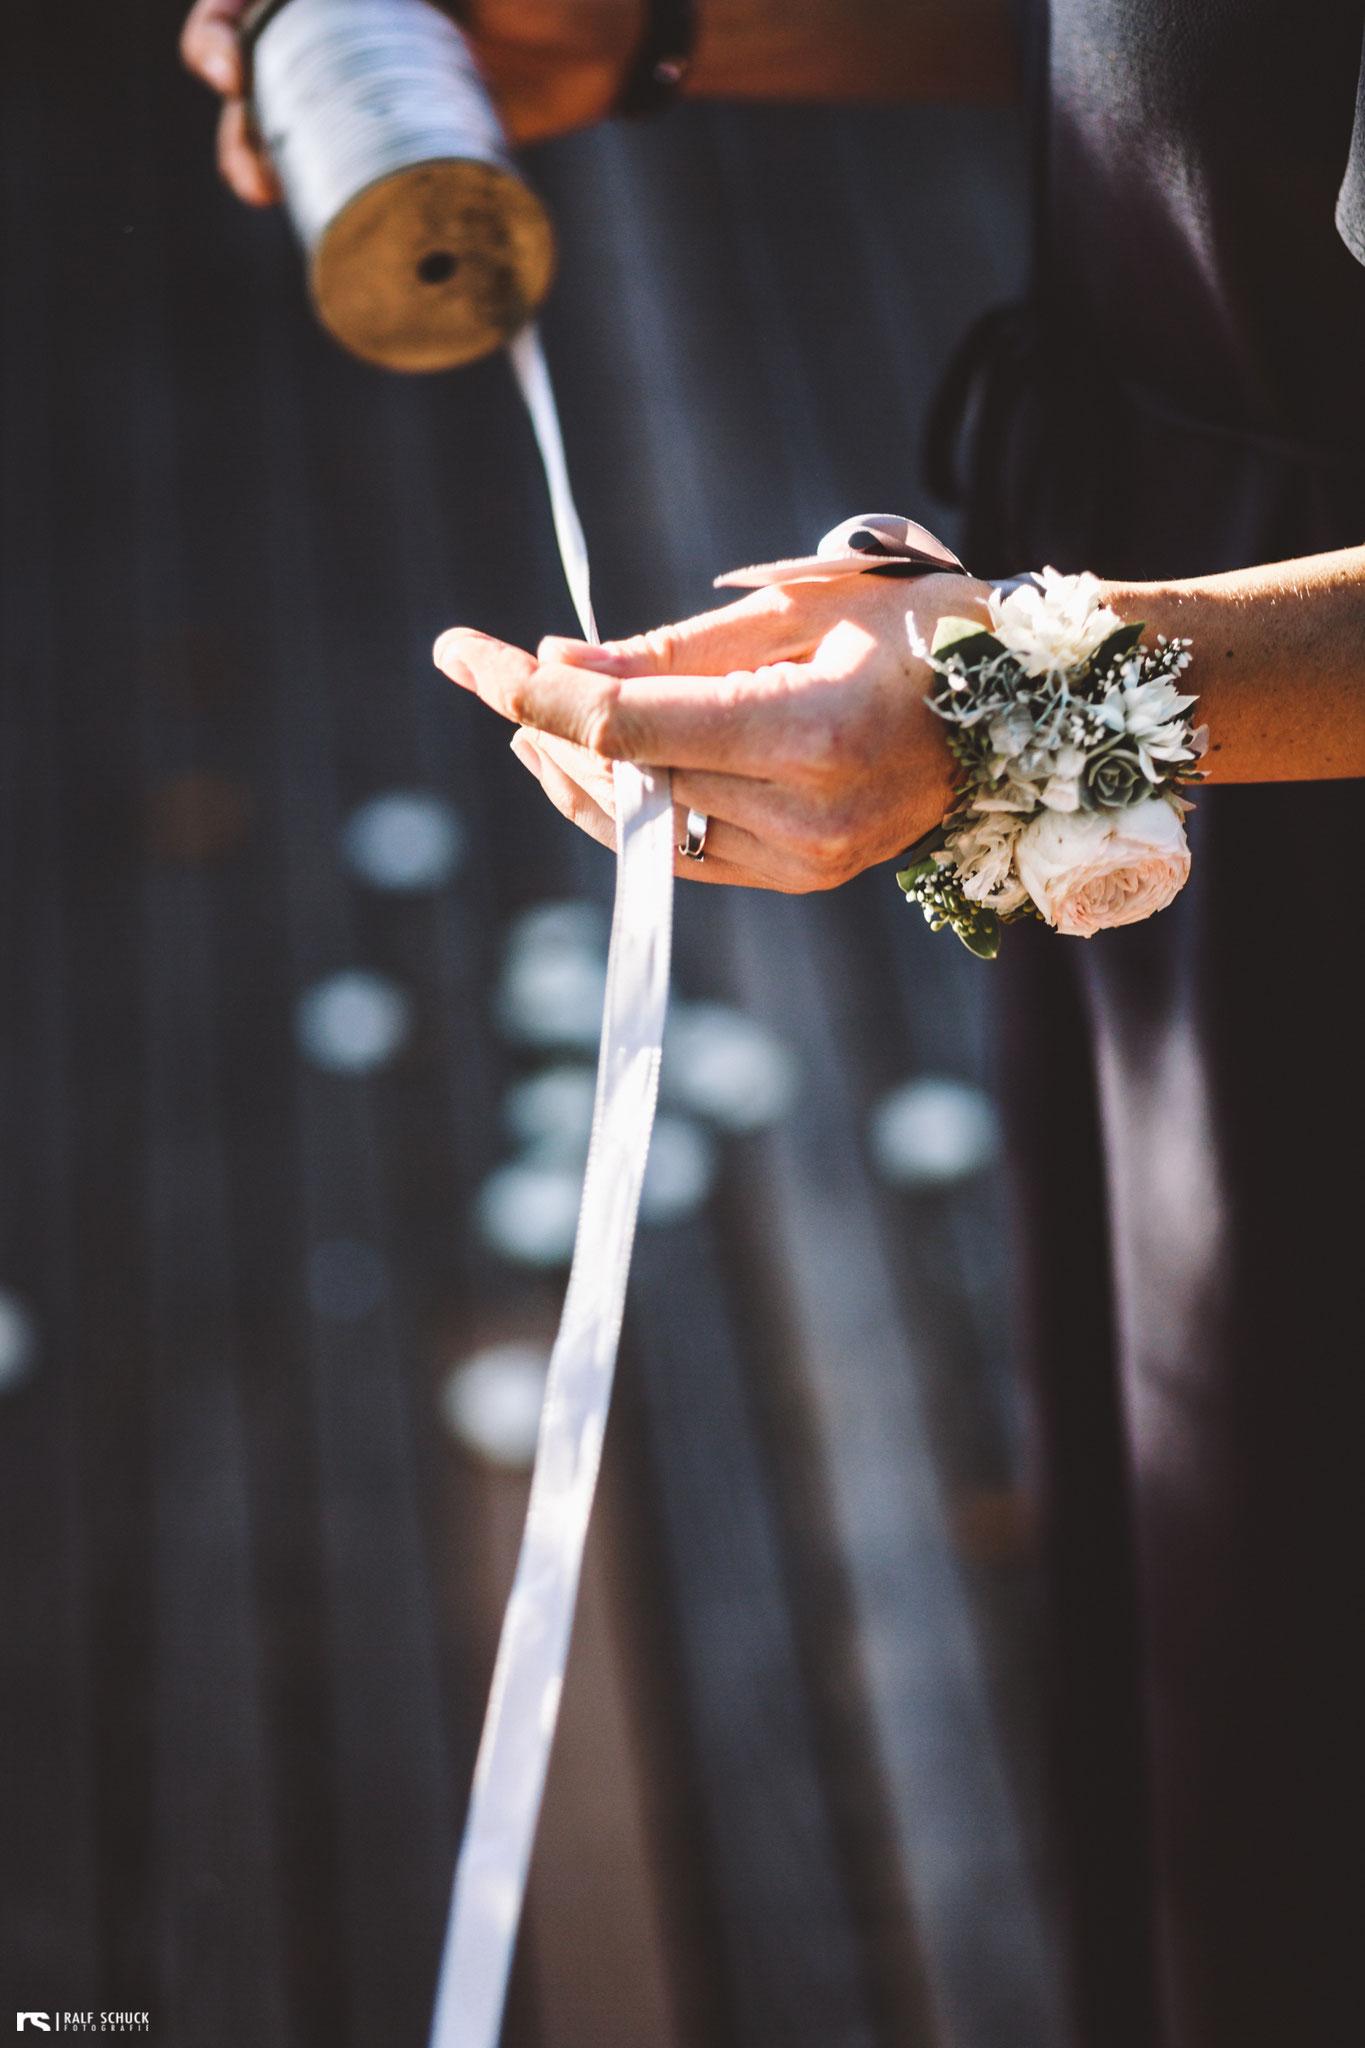 Das Ringband-Ritual ist eine schöne Art, die Festgesellschaft in die Zeremonie zu integrieren (Foto: Ralf Schuck)